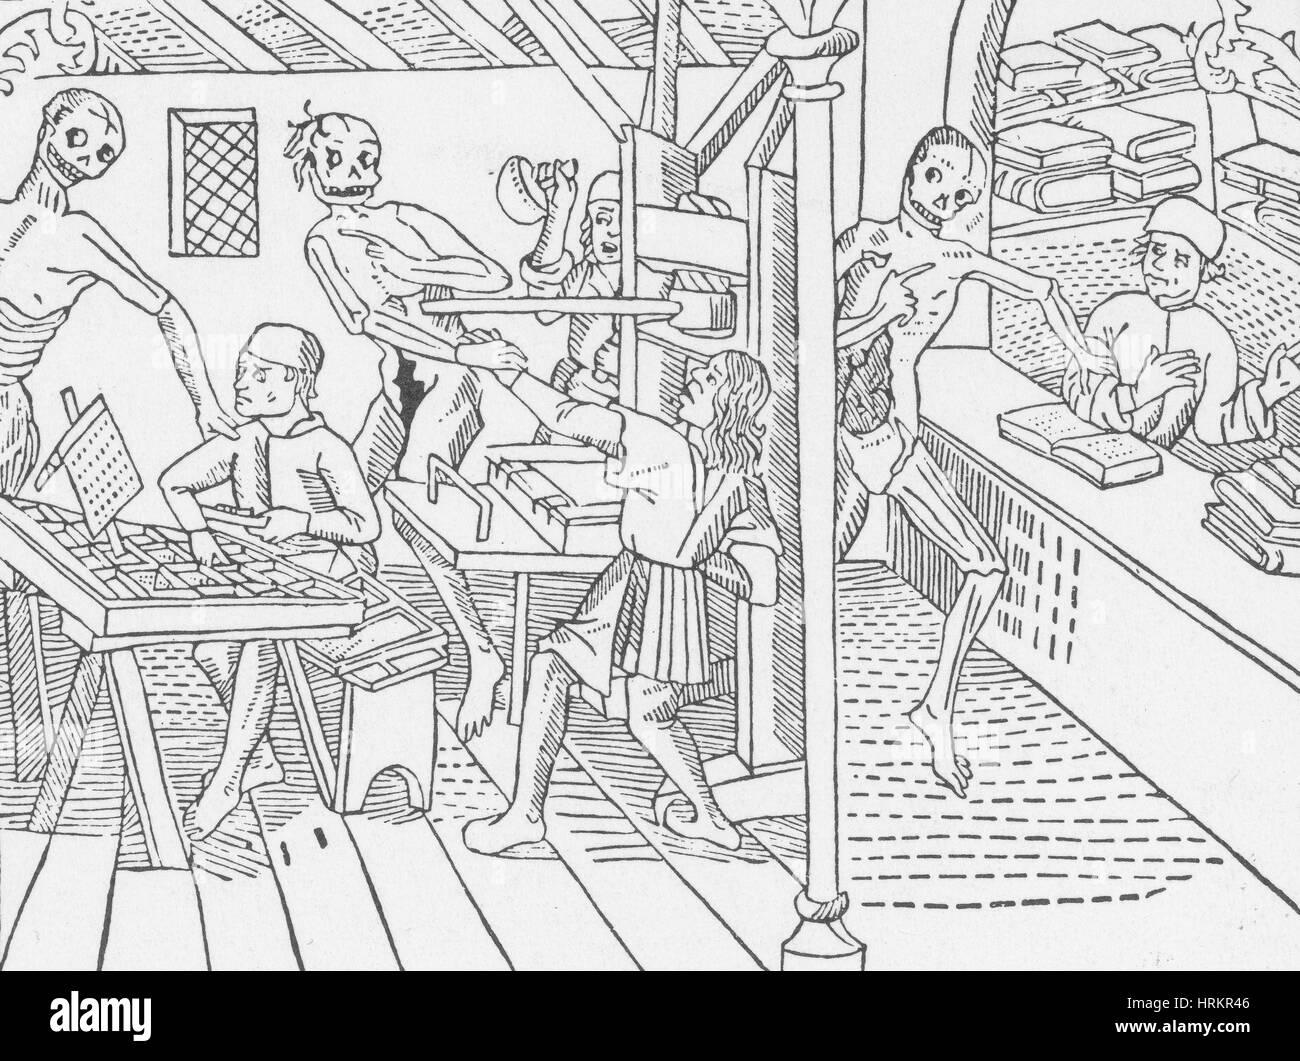 Ataques de muerte Print Shop, danza macabra, 1499 Imagen De Stock